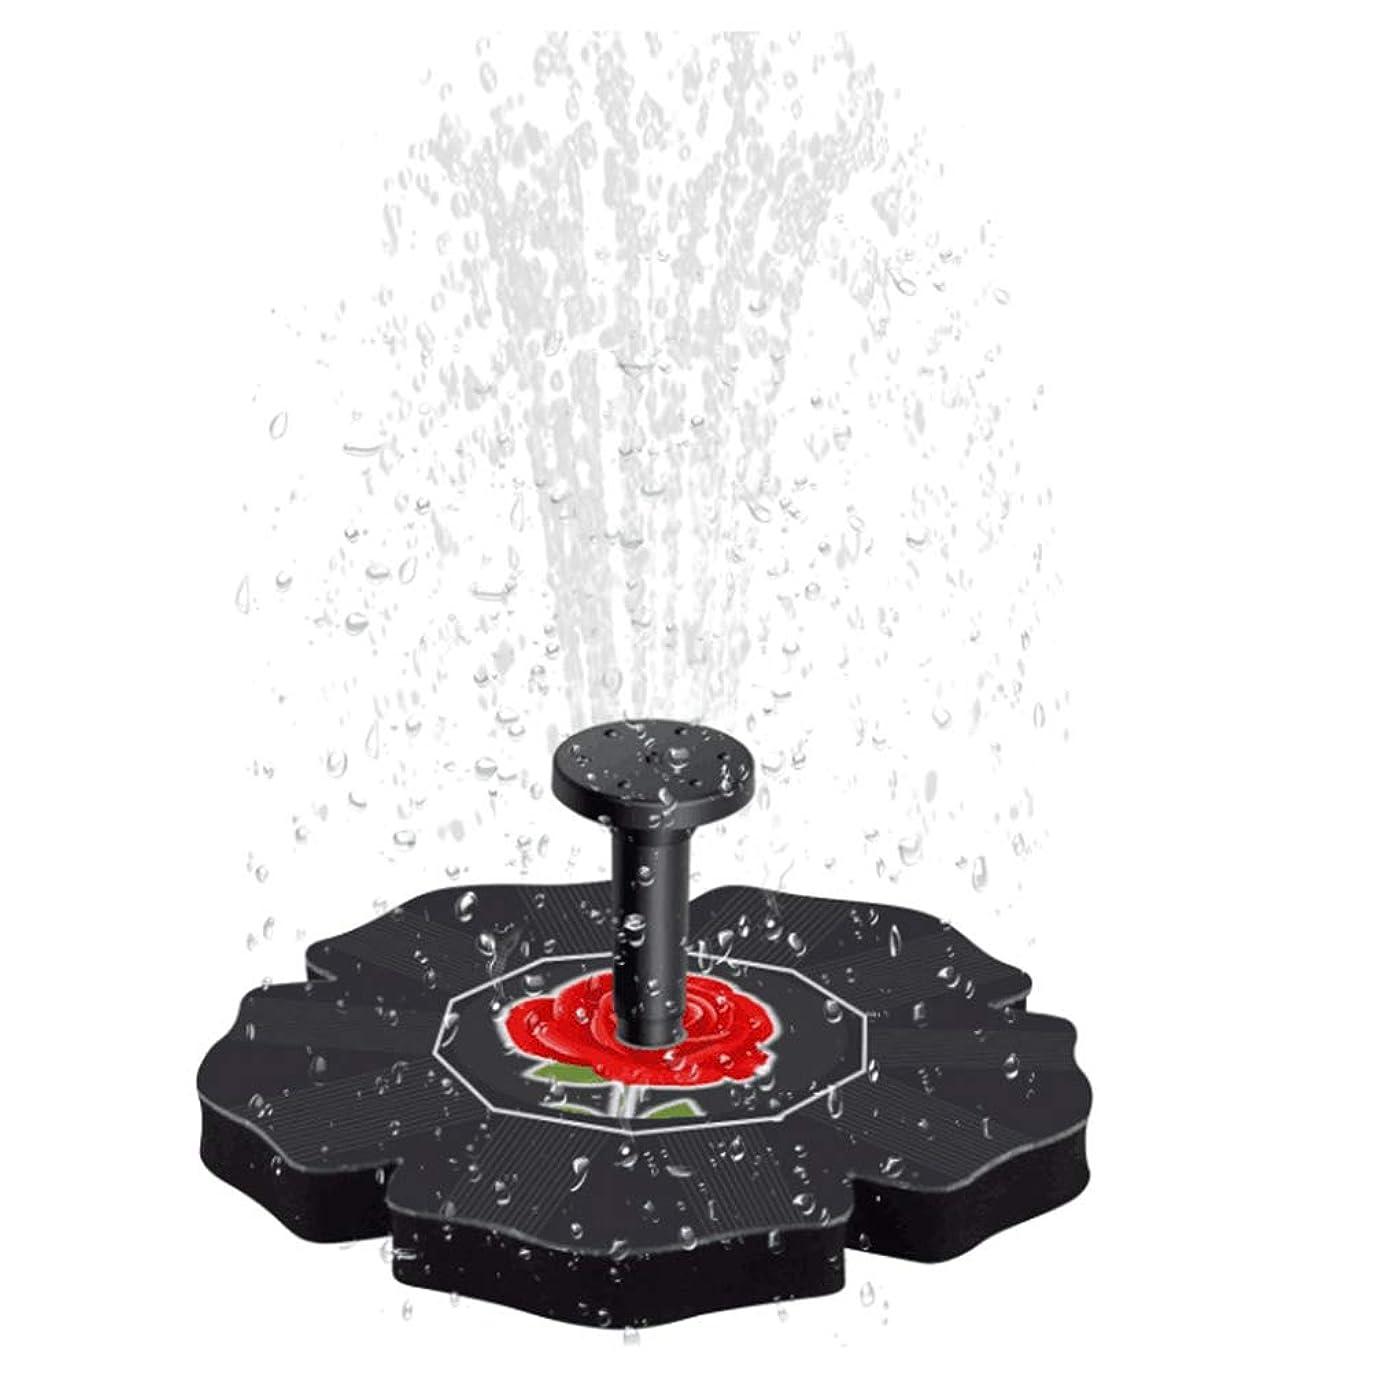 リハーサルスパークランドリーVOSAREA 鳥風呂噴水水ポンプソーラーパワーポンプブラシレスフローティング漂流パネル用鳥風呂水槽水槽水族館庭の芝生